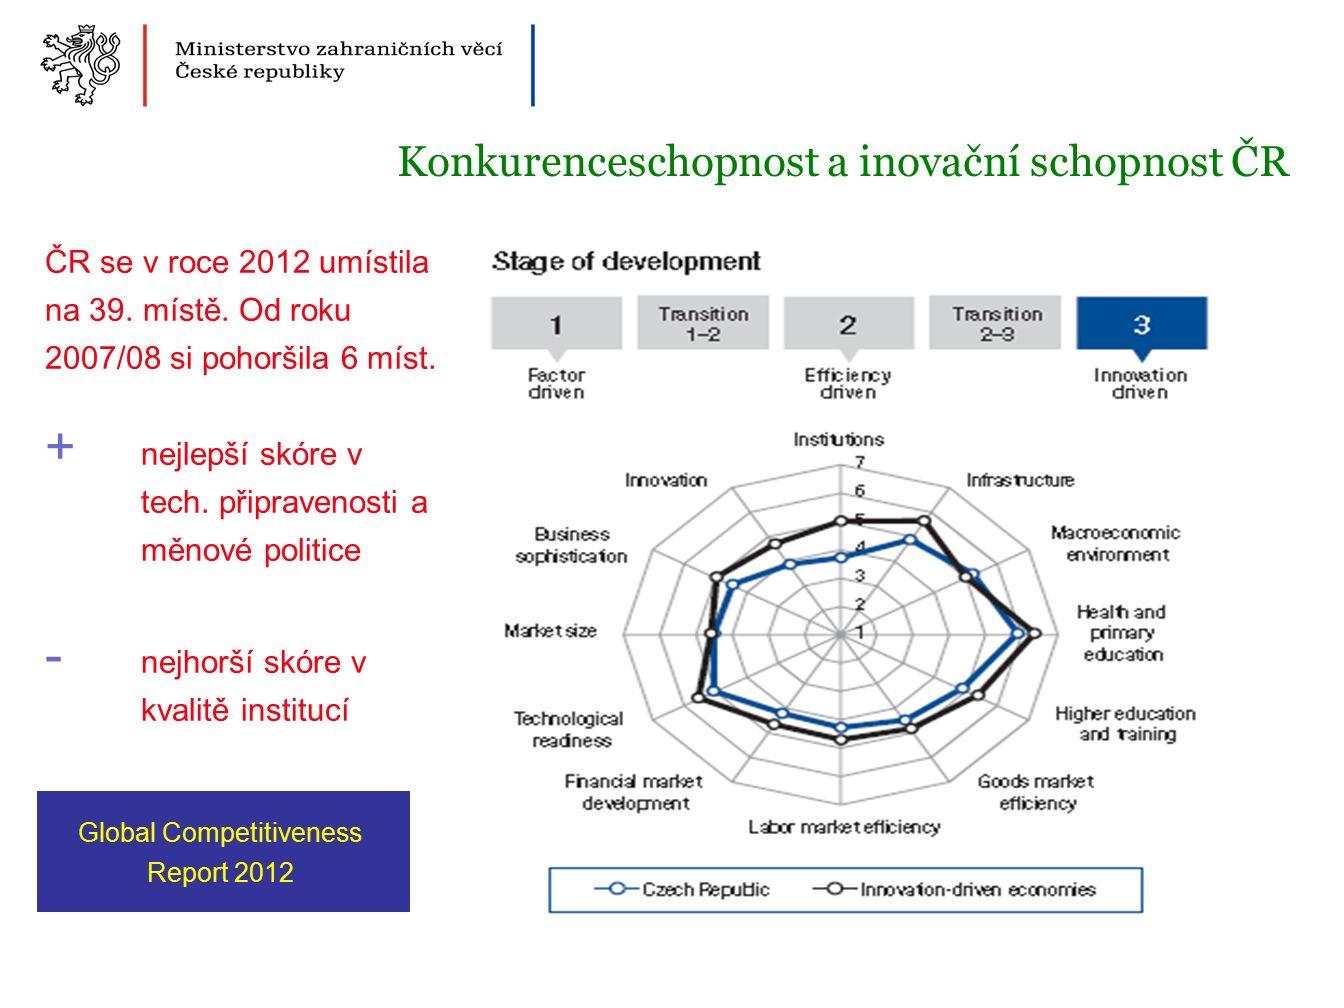 ČR se v roce 2012 umístila na 39. místě. Od roku 2007/08 si pohoršila 6 míst.